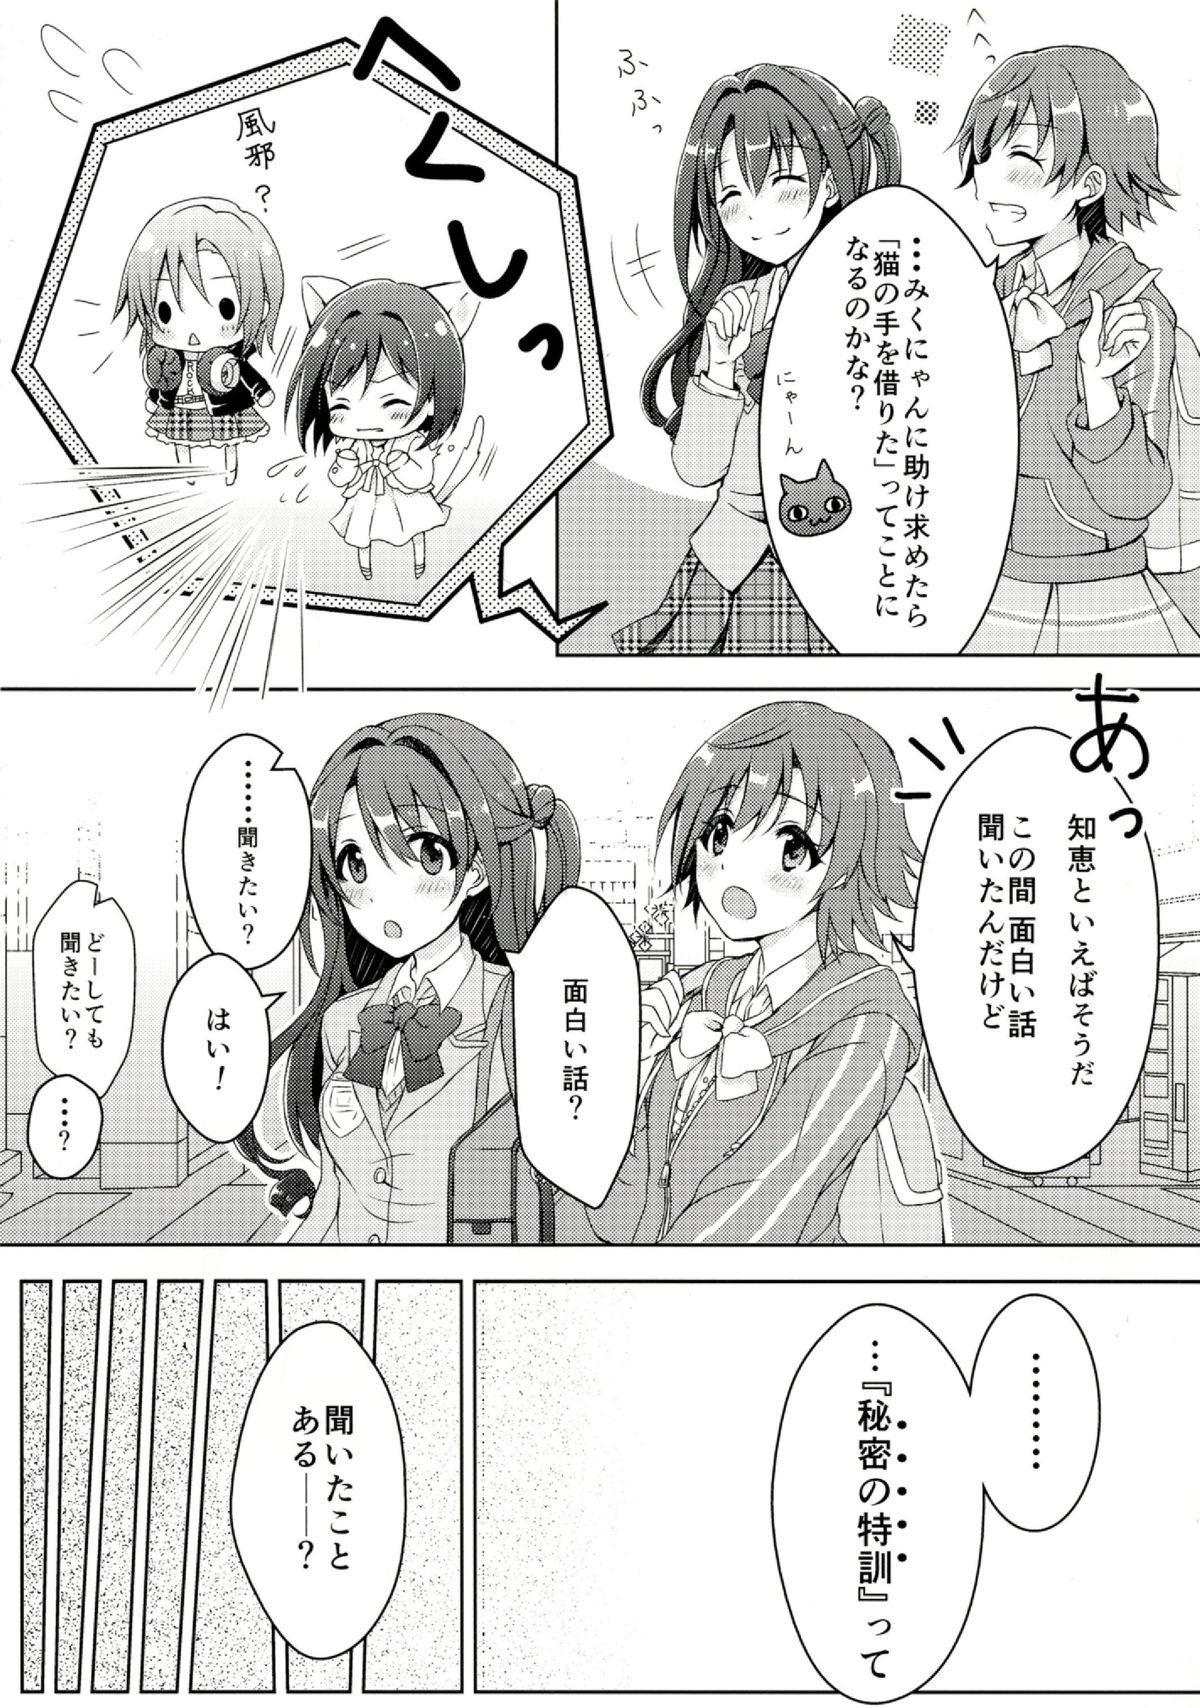 Himitsu no Tokkun 6